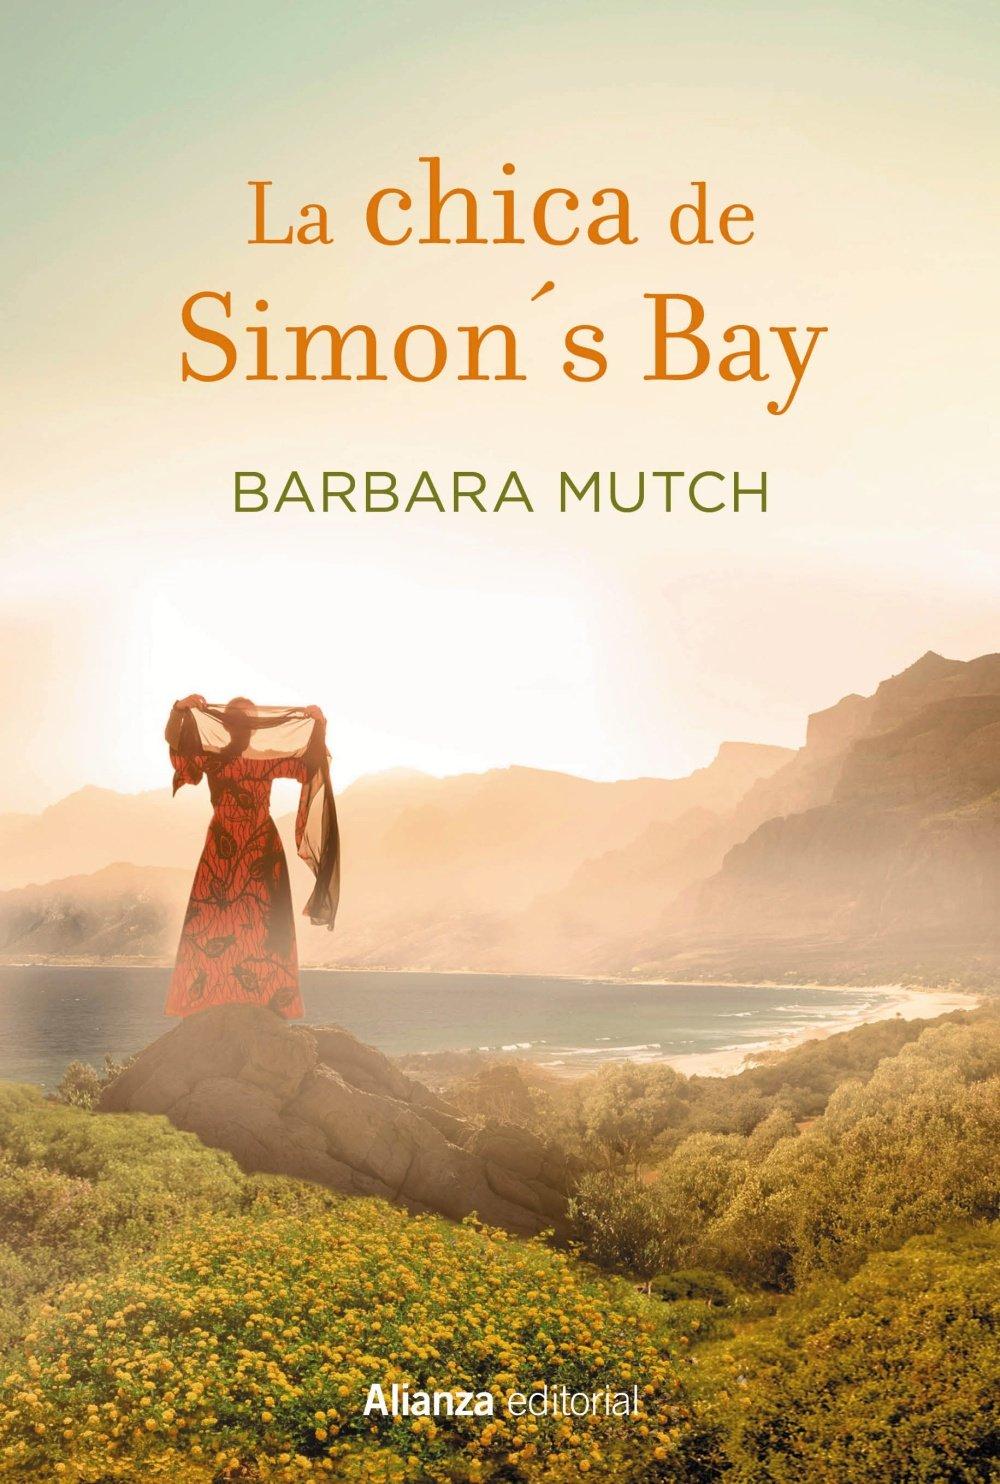 La chica de Simon's Bay - Barbara Mutch 71UMqtQ-A6L